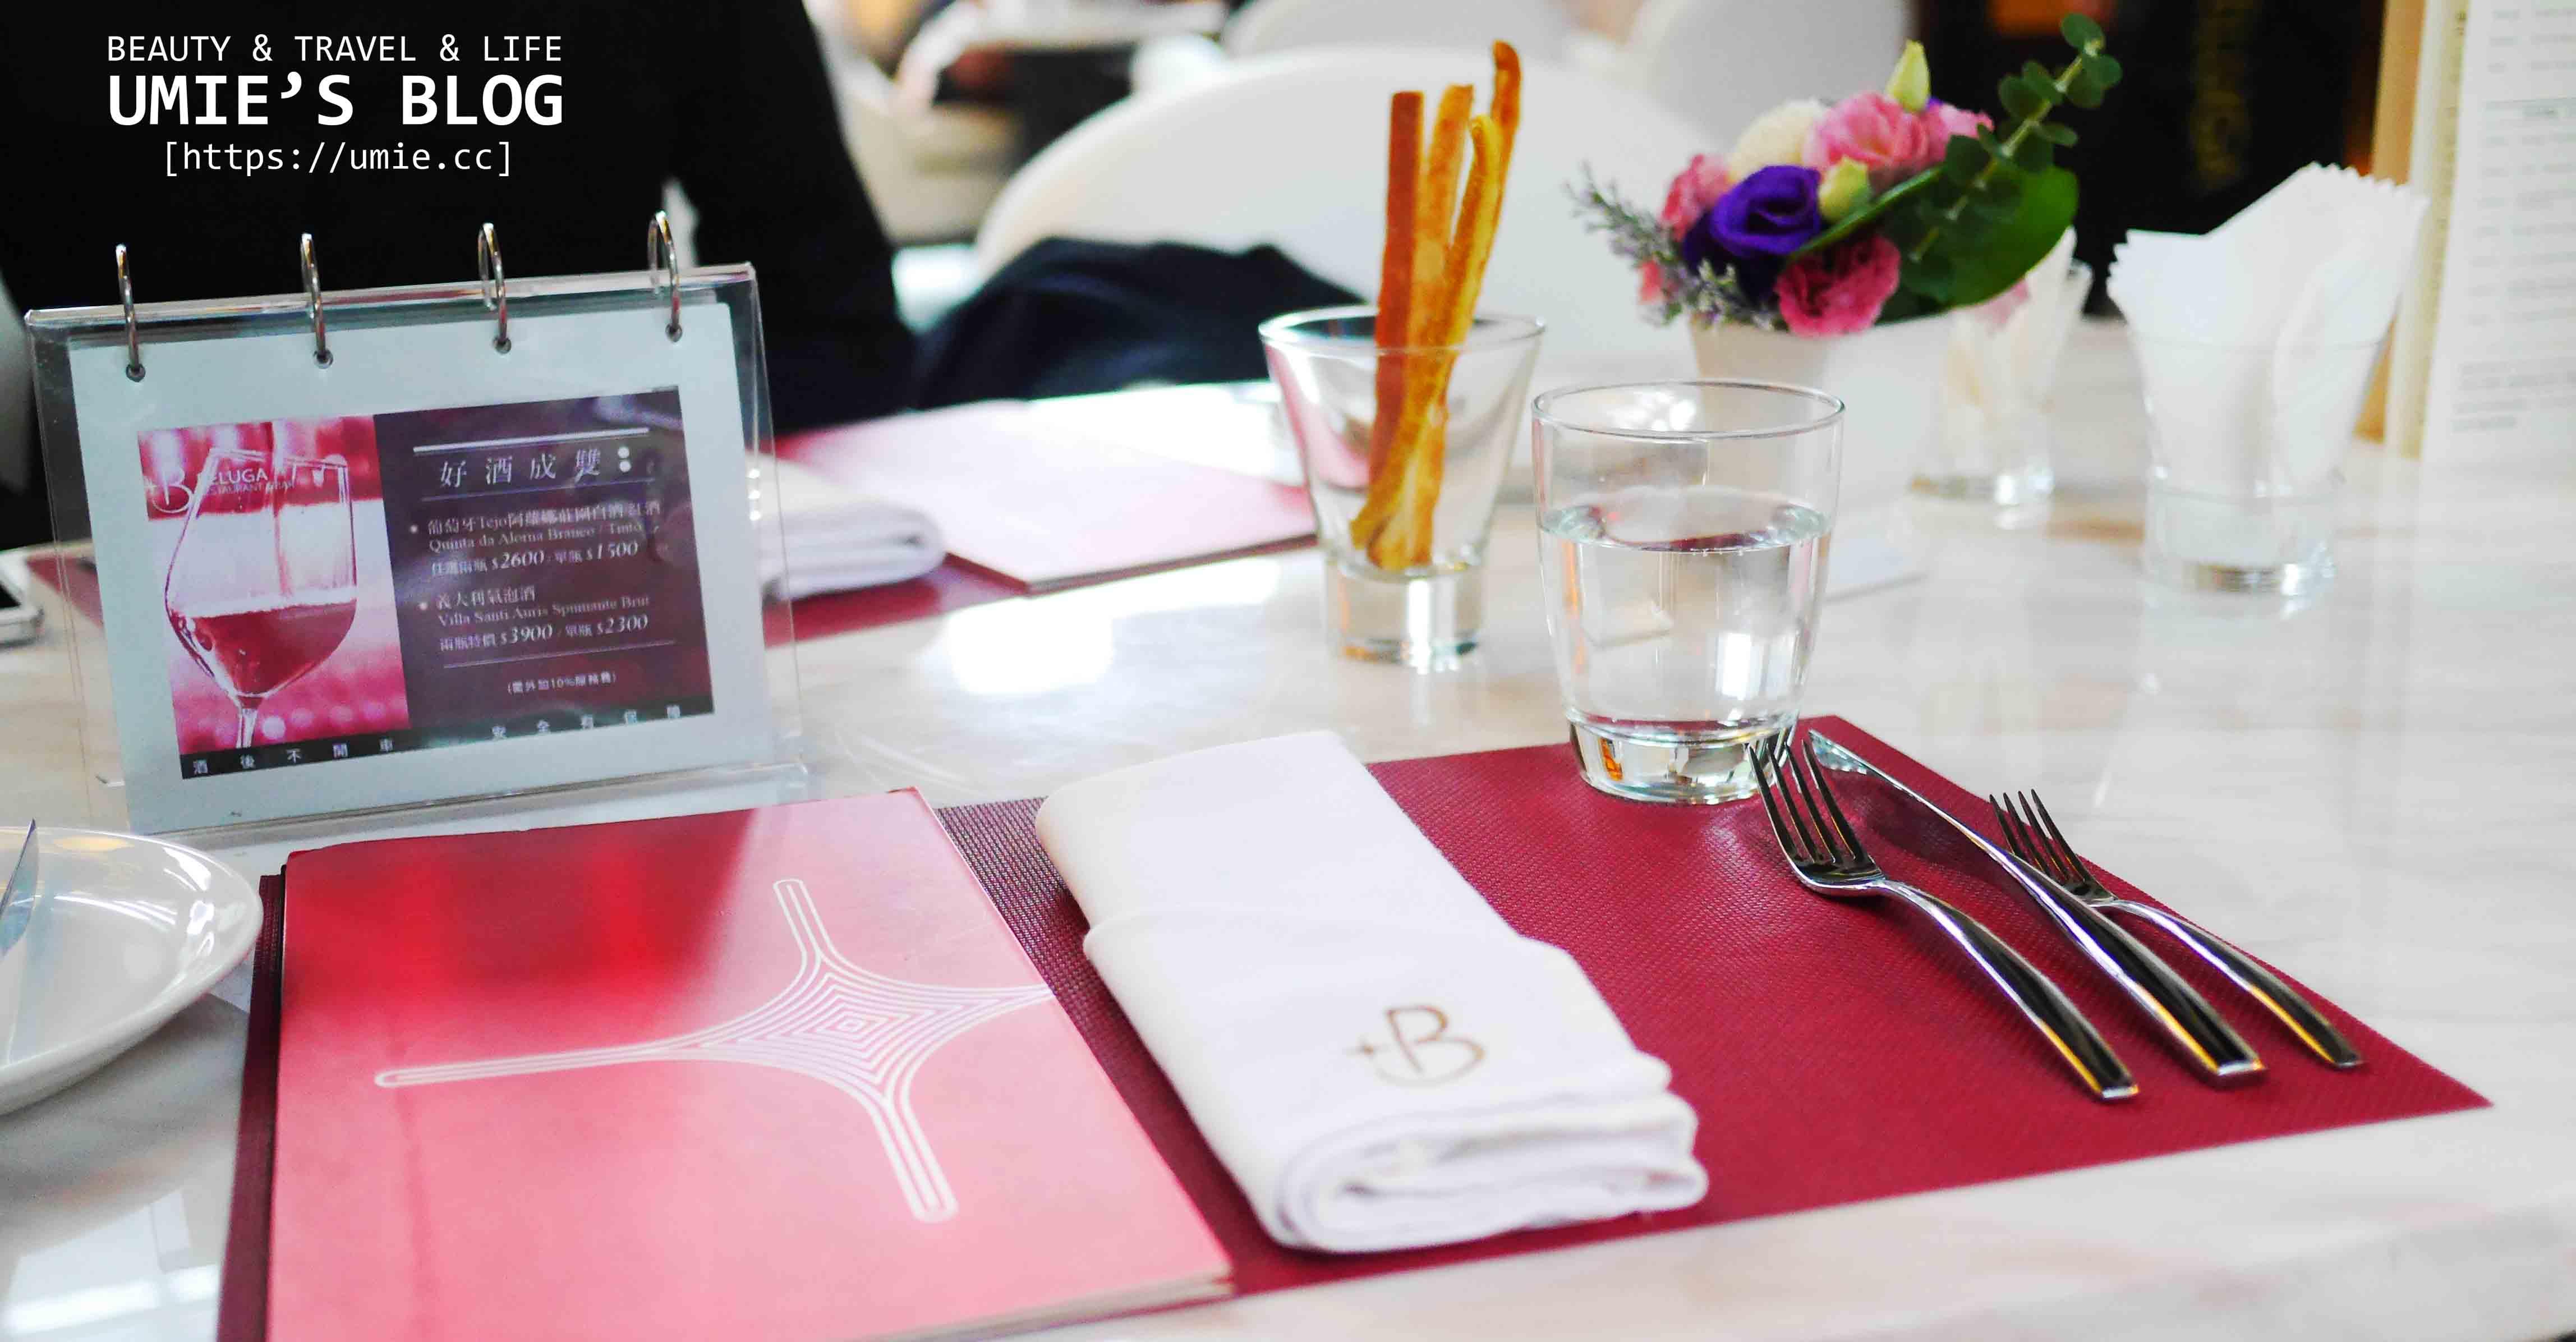 台中約會餐廳推薦[西屯區 12期]-迷人用餐環境,優雅美味的餐點 Beluga Restaurant & Bar 法式料理餐廳!擁有獨立泳池/酒窖/lounge bar/約會/求婚/包場